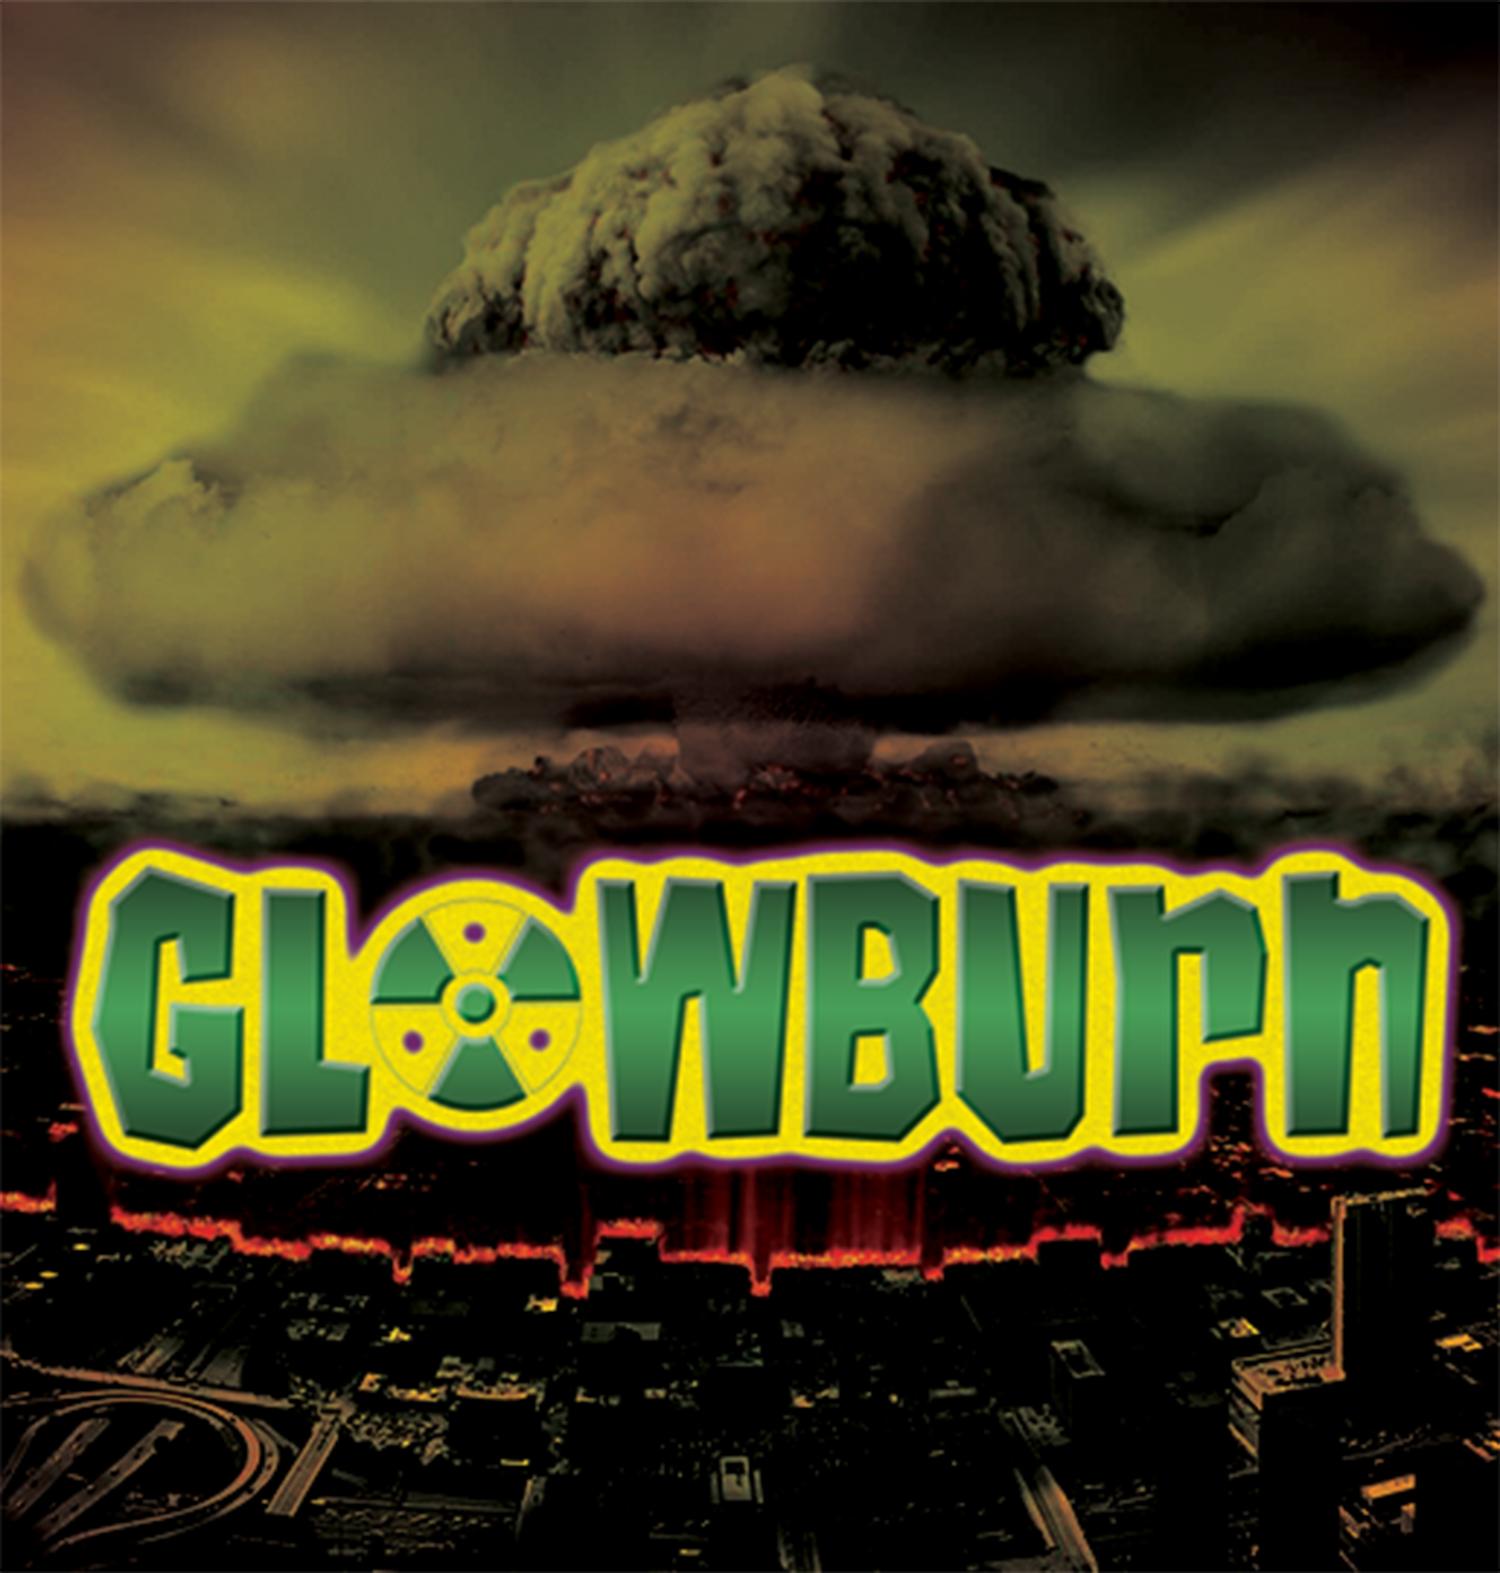 Glowburn